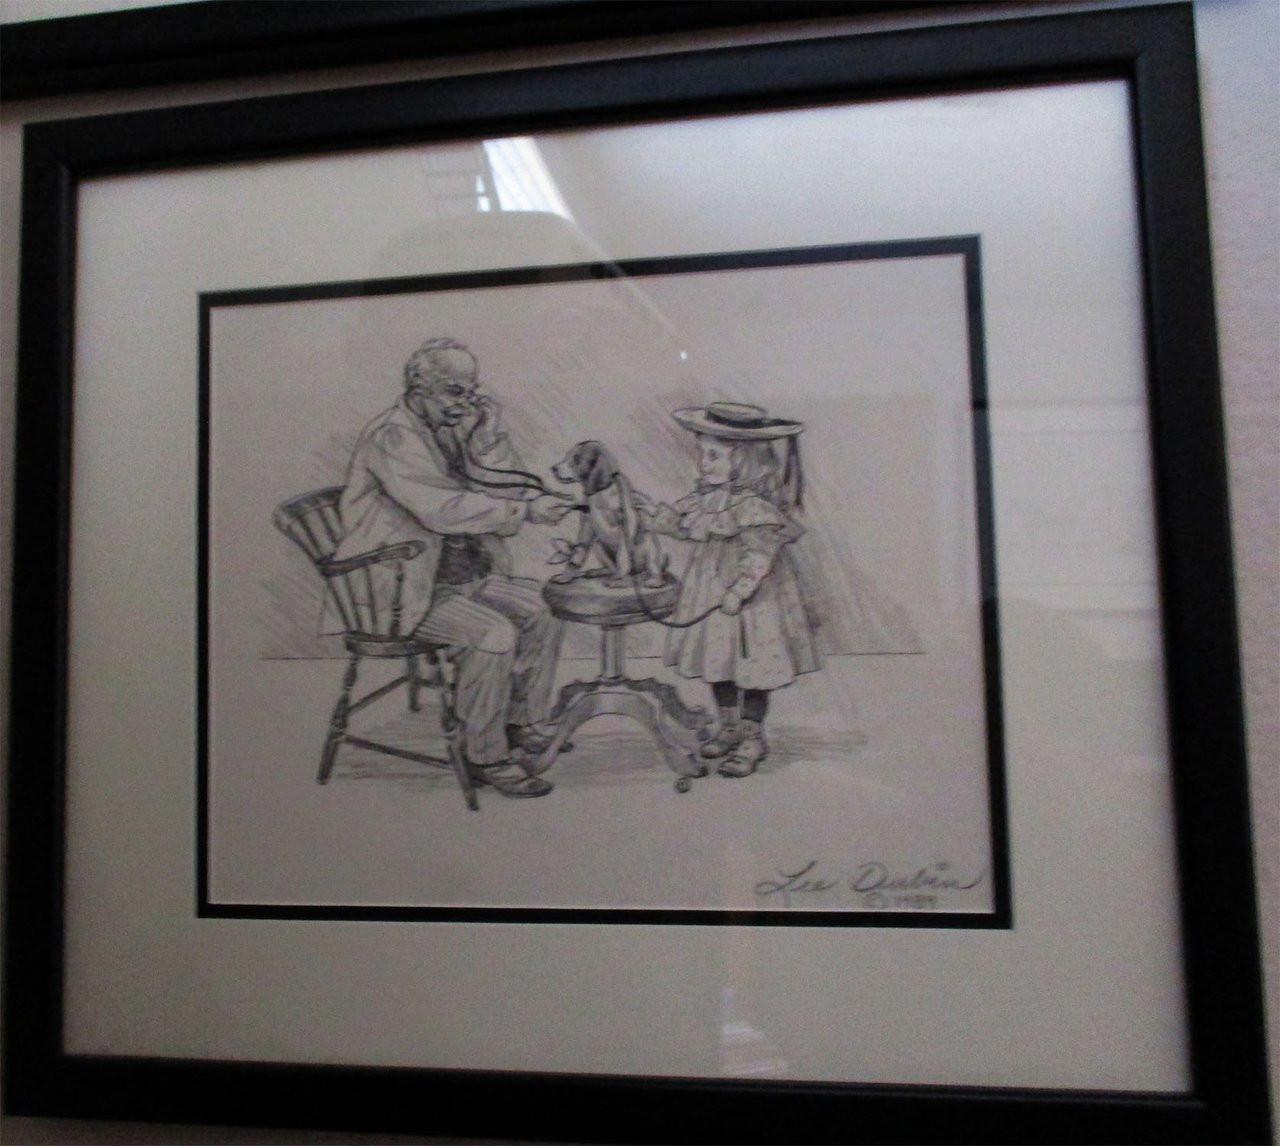 Lee dubin framed original pencil sketch puppys visit doctors office